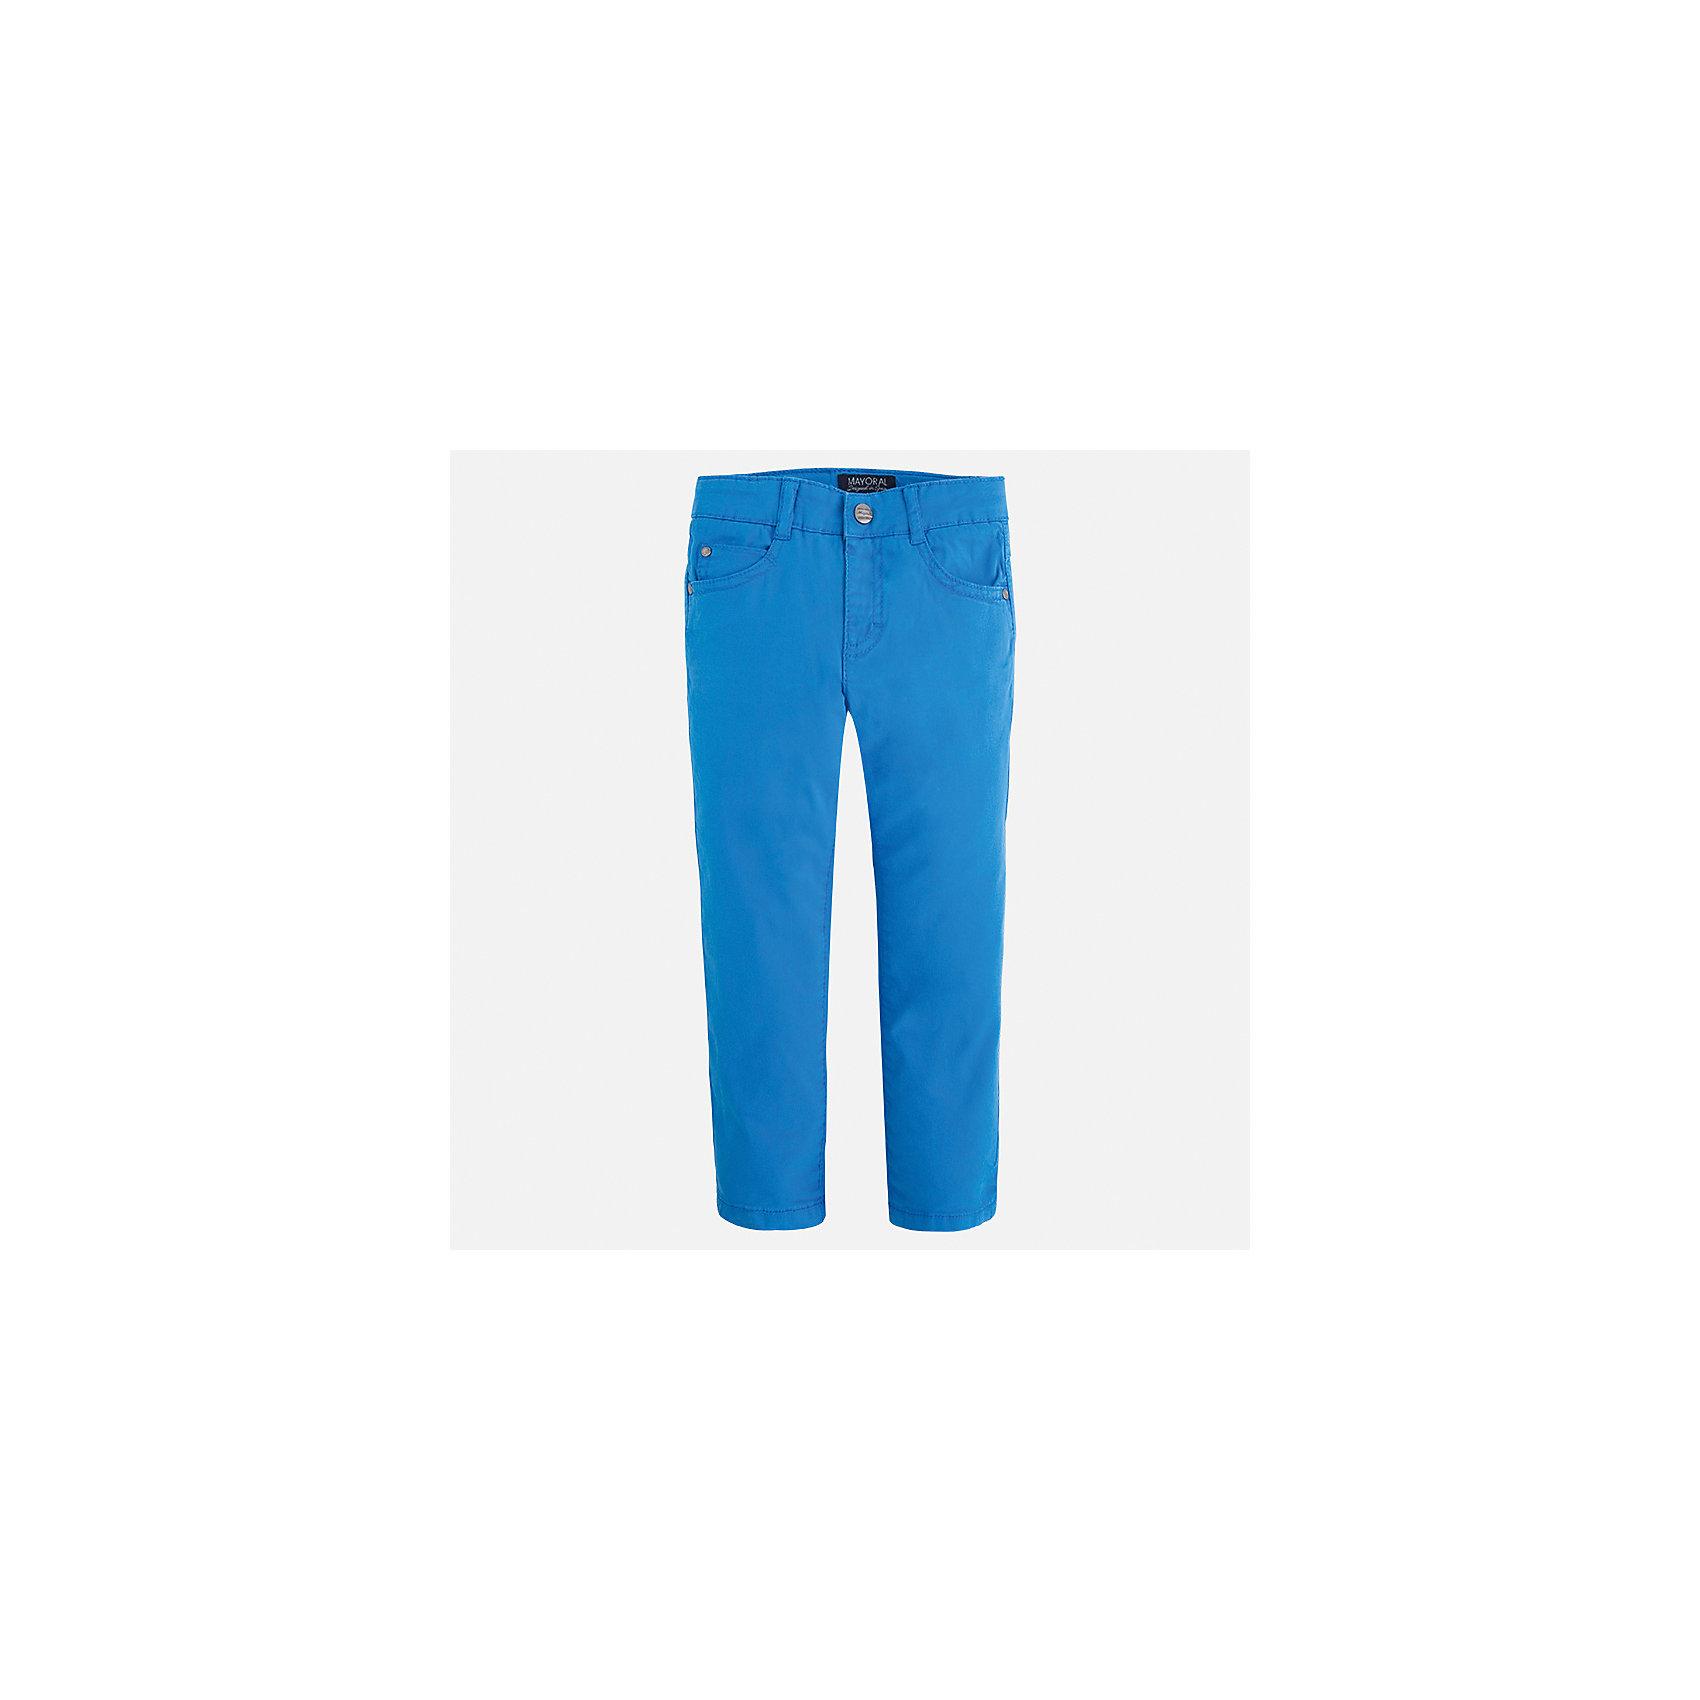 Брюки для мальчика MayoralБрюки<br>Характеристики товара:<br><br>• цвет: голубой<br>• состав: 98% хлопок, 2% эластан<br>• застежка: кнопка<br>• шлевки<br>• карманы<br>• пояс с регулировкой размера<br>• классический силуэт<br>• страна бренда: Испания<br><br>Модные брюки для мальчика смогут стать базовой вещью в гардеробе ребенка. Они отлично сочетаются с майками, футболками, рубашками и т.д. Универсальный крой и цвет позволяет подобрать к вещи верх разных расцветок. Практичное и стильное изделие! В составе материала - натуральный хлопок, гипоаллергенный, приятный на ощупь, дышащий.<br><br>Одежда, обувь и аксессуары от испанского бренда Mayoral полюбились детям и взрослым по всему миру. Модели этой марки - стильные и удобные. Для их производства используются только безопасные, качественные материалы и фурнитура. Порадуйте ребенка модными и красивыми вещами от Mayoral! <br><br>Брюки для мальчика от испанского бренда Mayoral (Майорал) можно купить в нашем интернет-магазине.<br><br>Ширина мм: 215<br>Глубина мм: 88<br>Высота мм: 191<br>Вес г: 336<br>Цвет: голубой<br>Возраст от месяцев: 18<br>Возраст до месяцев: 24<br>Пол: Мужской<br>Возраст: Детский<br>Размер: 92,98,104,134,128,122,116,110<br>SKU: 5278026